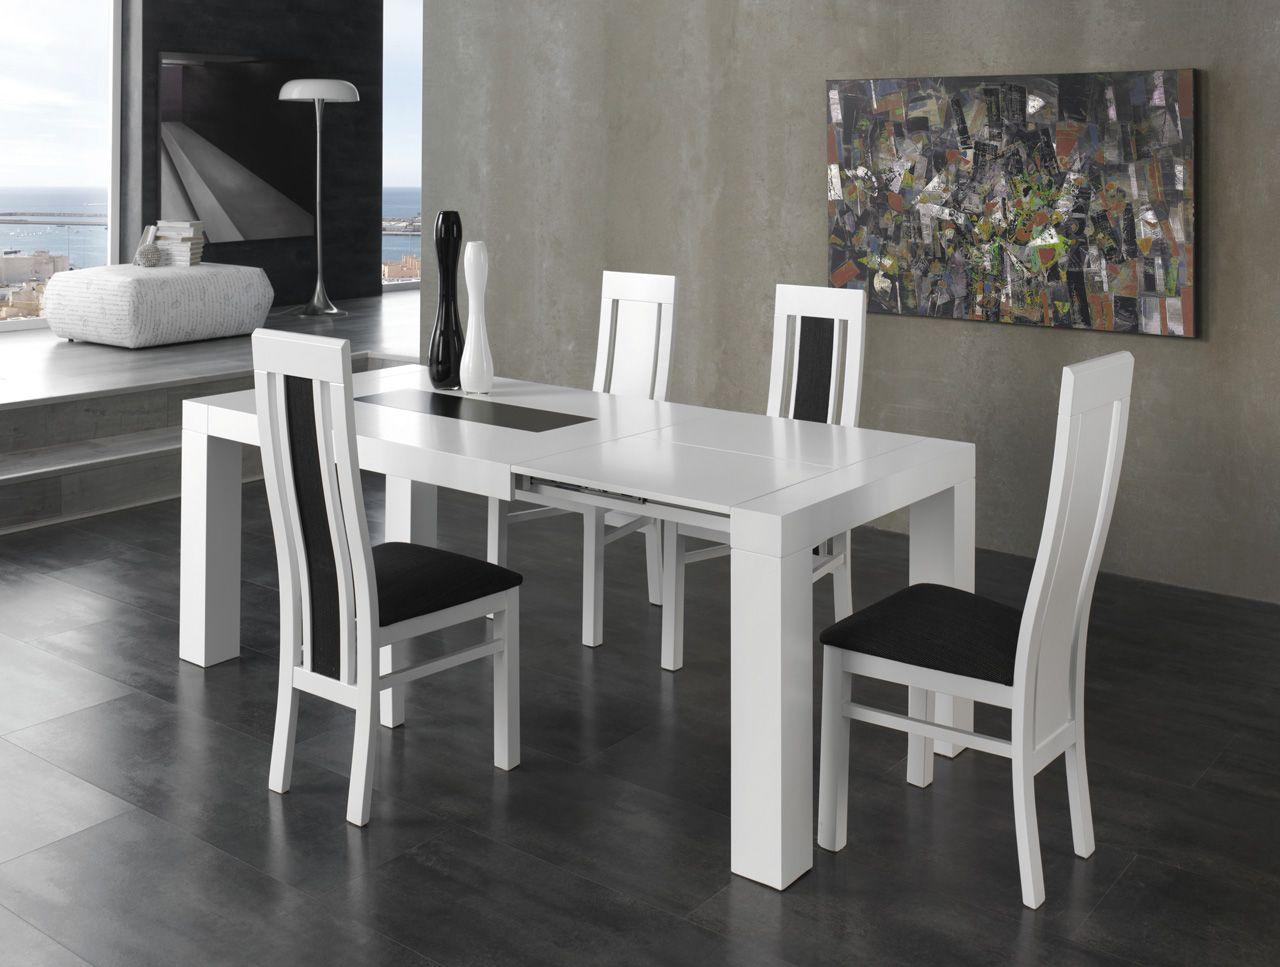 Lo ltimo en muebles auxiliares para adaptar tu sal n a for Muebles auxiliares de salon